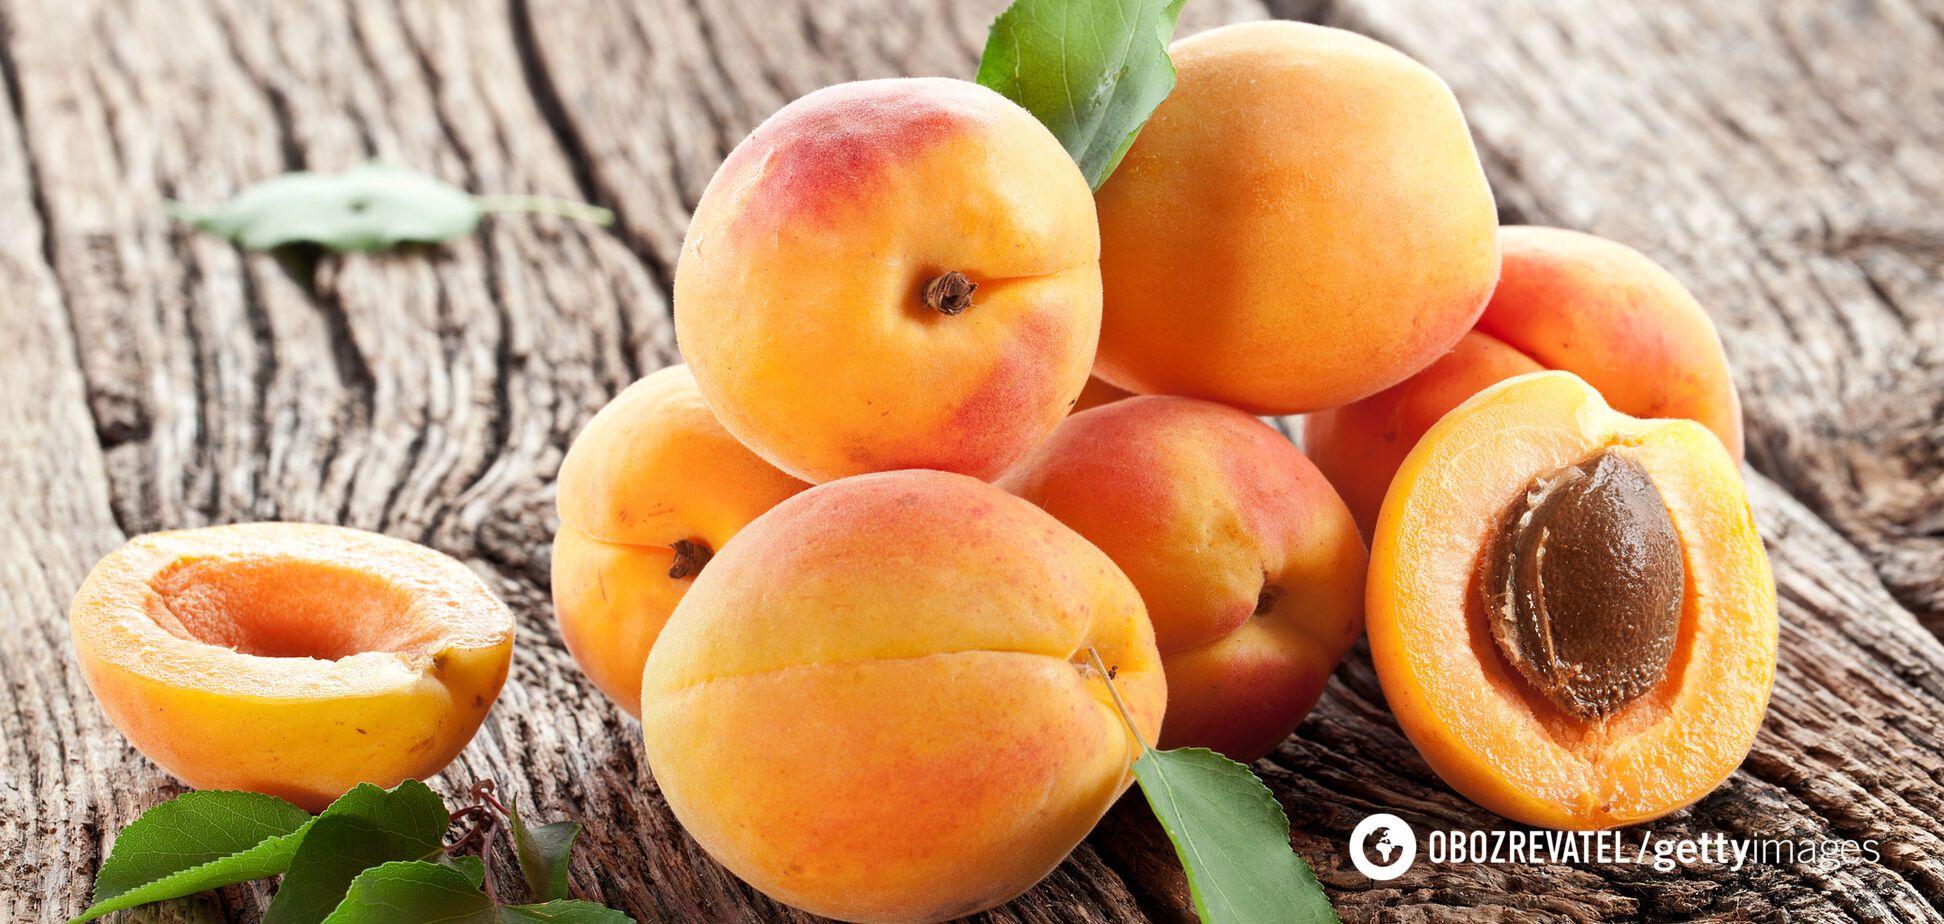 Завдяки калію абрикоси знижують артеріальний тиск